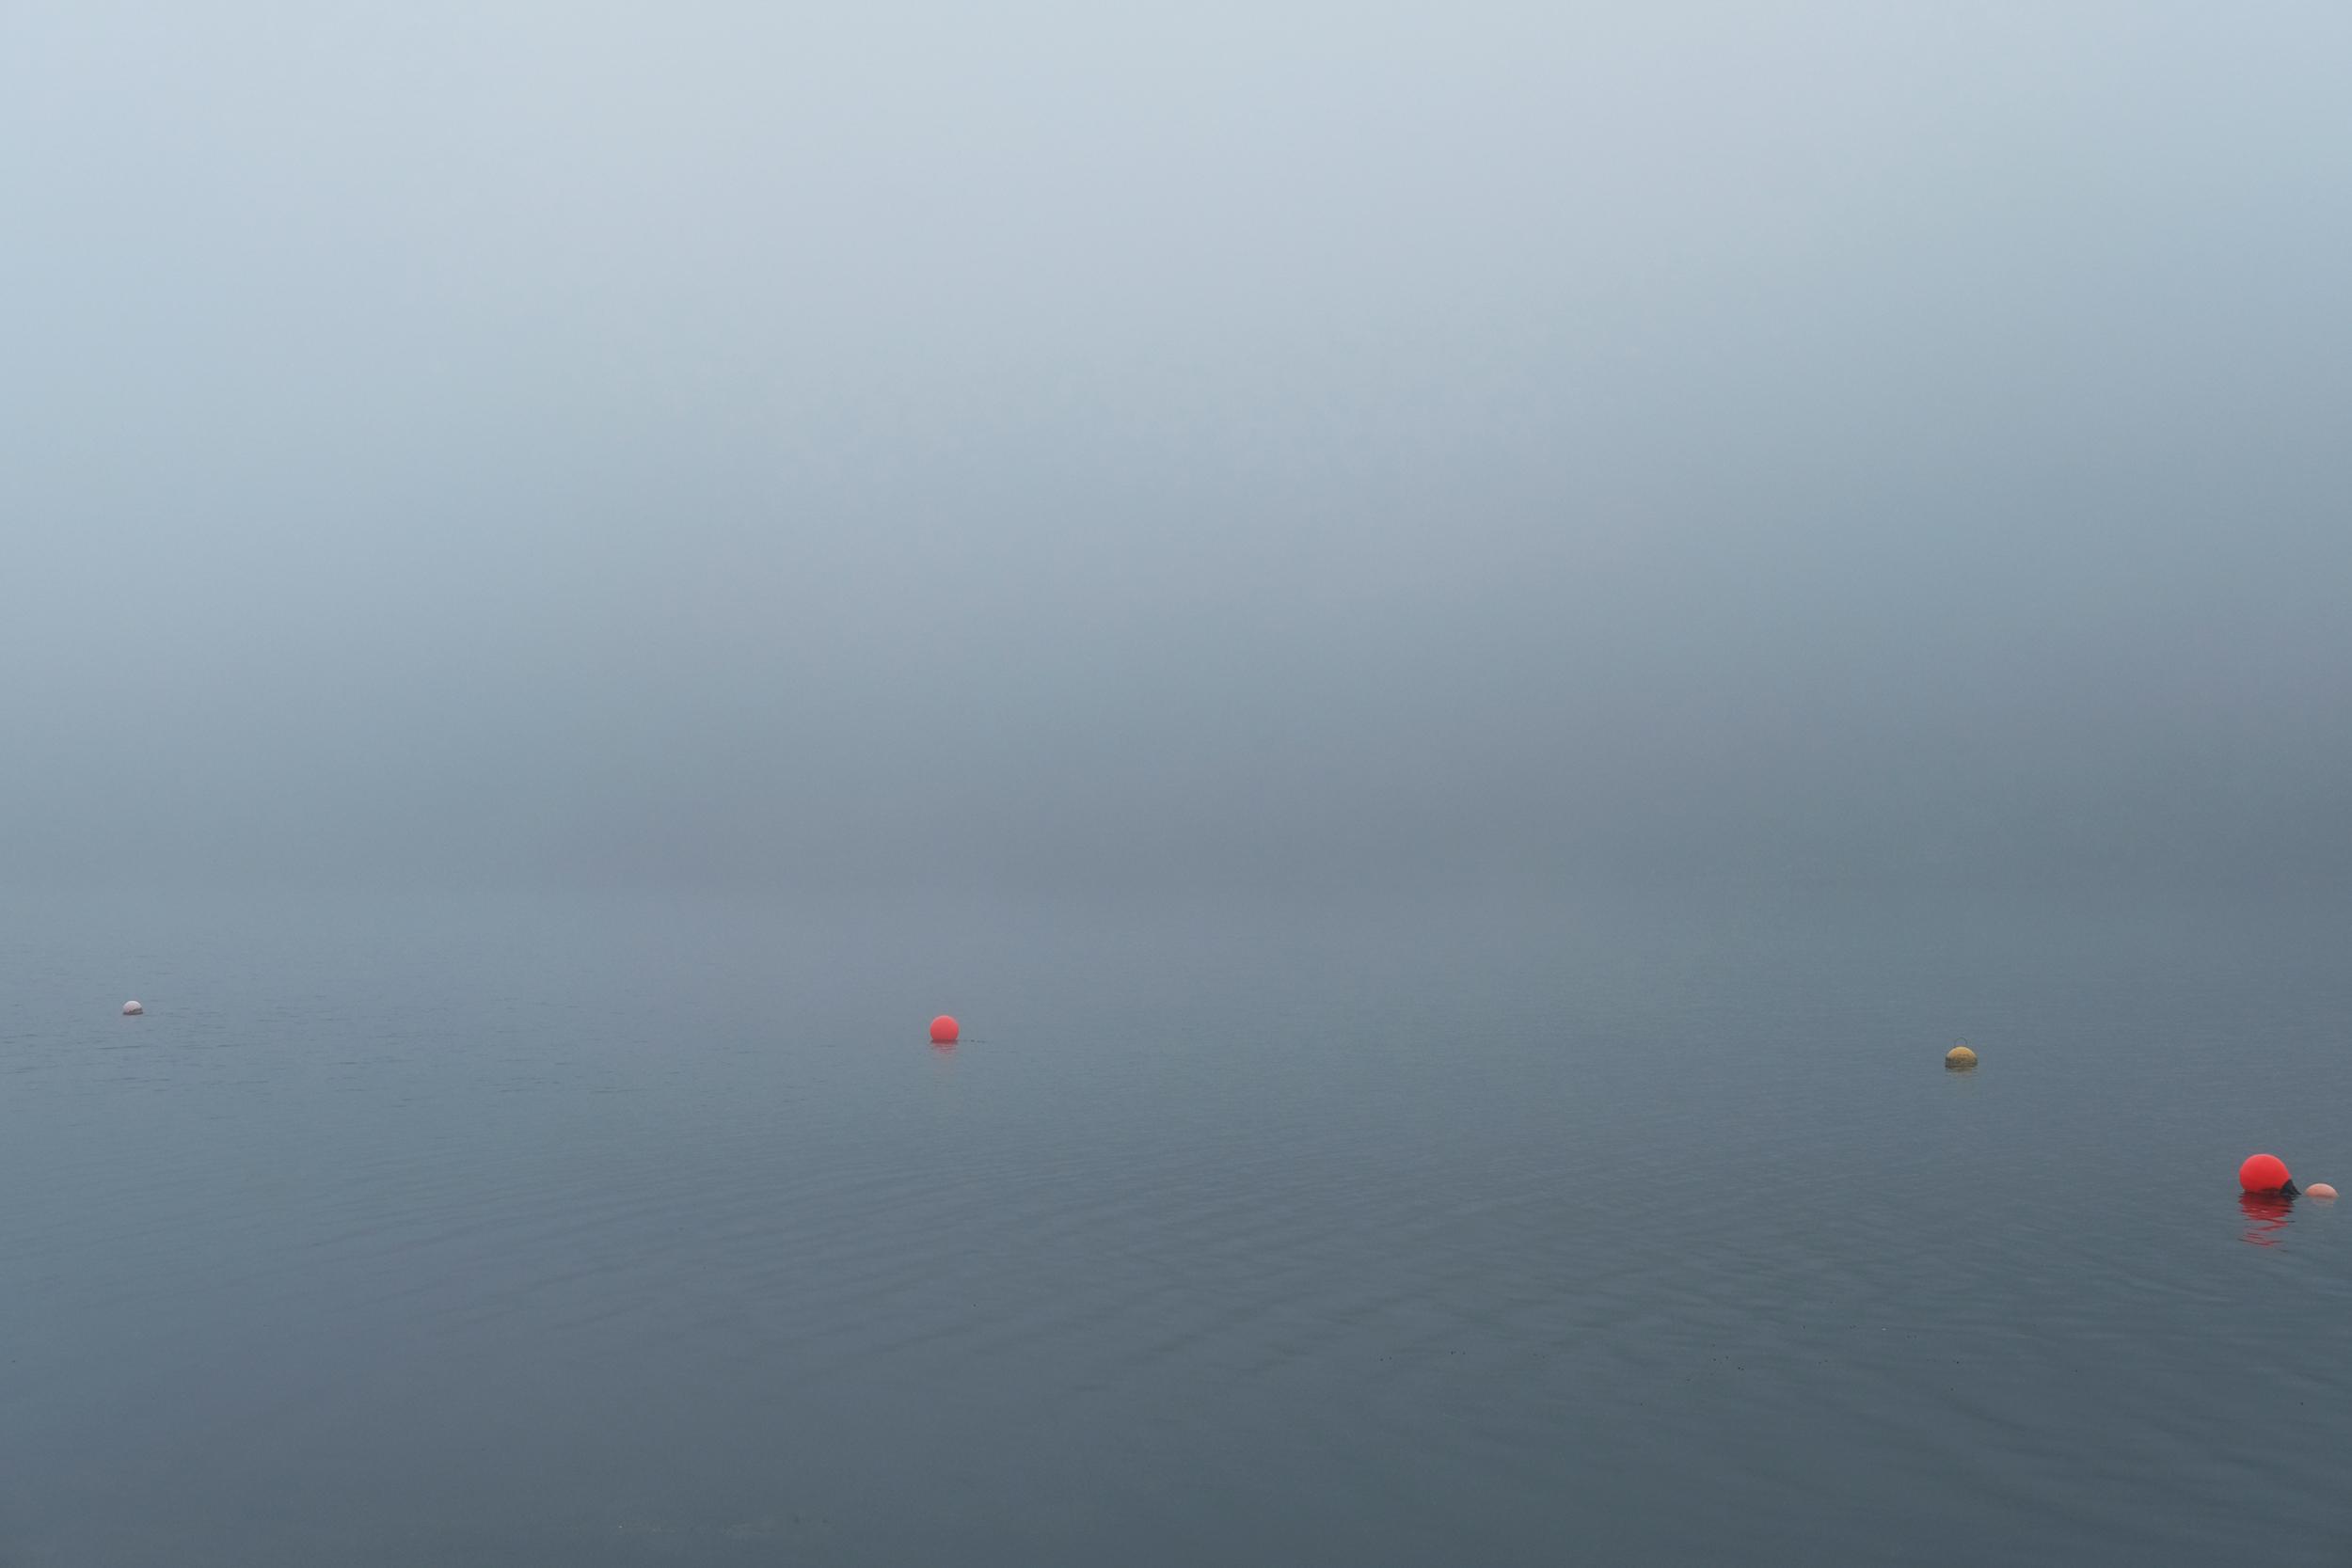 Mooring buoys, Loch Linne Mhuirich, West Scotland.